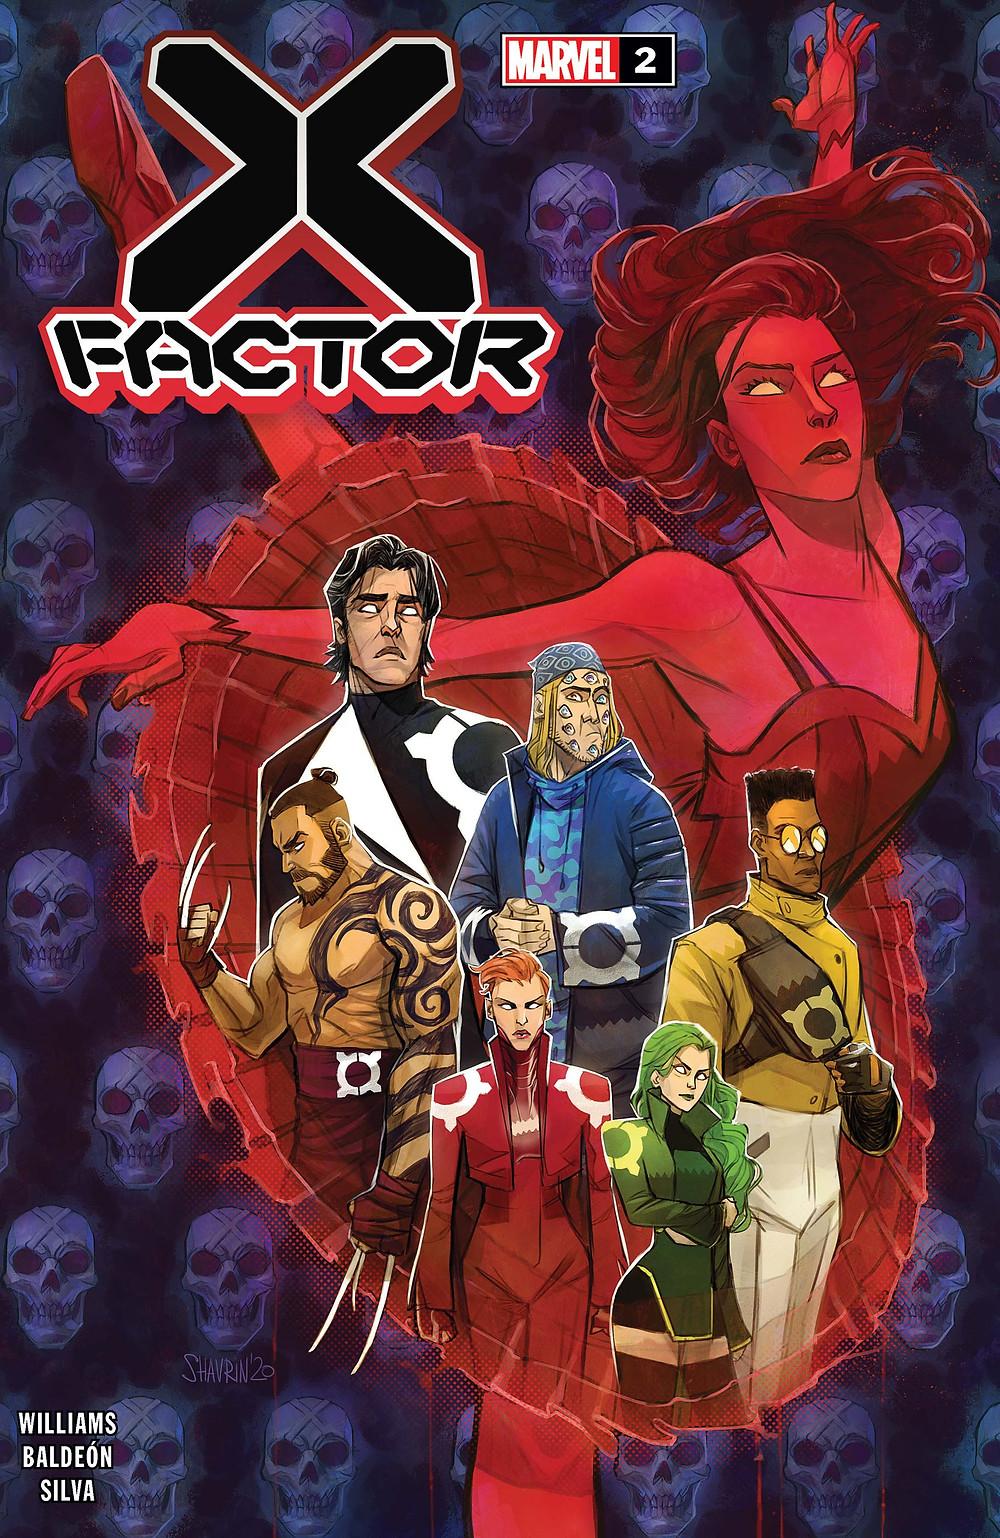 X-Factor reunida na imagem, com: Estrela Polar, Rachel Grey, Polaris, Prodígio